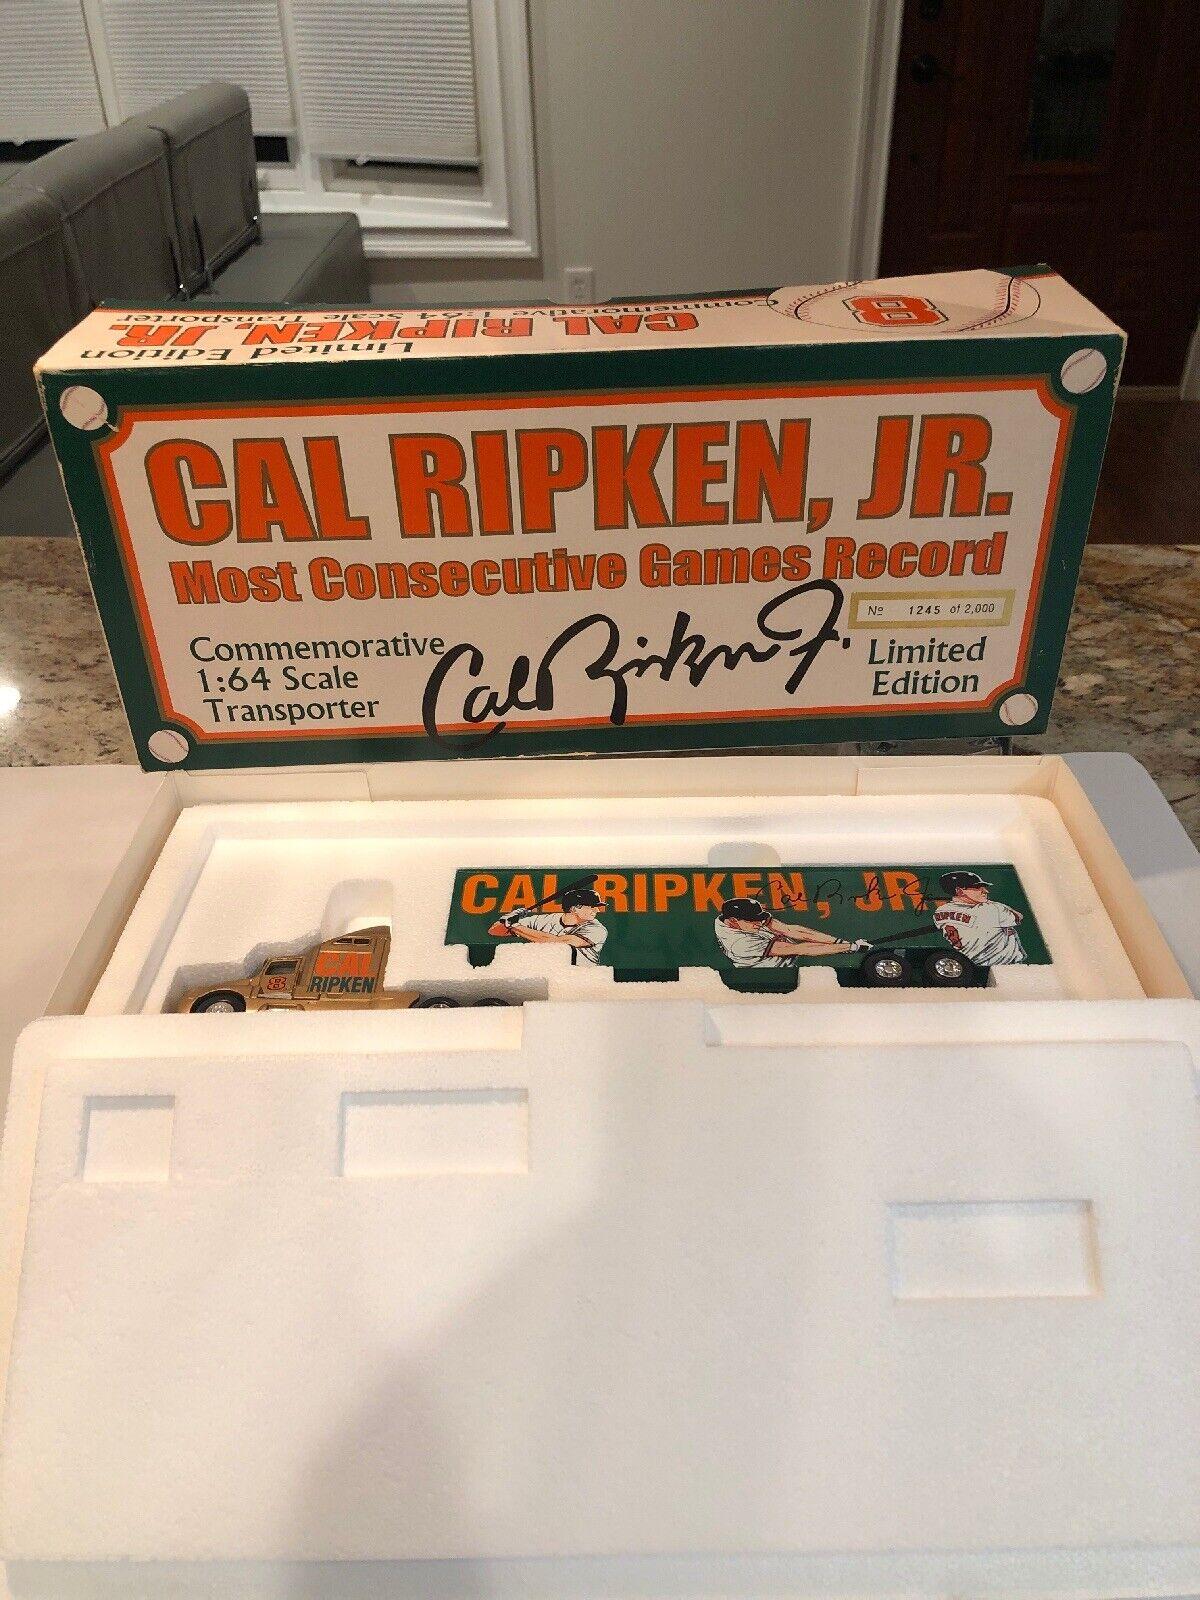 Tienda 2018 Escala 1 64 Cal Ripken transportador de edición limitada conmemorativa conmemorativa conmemorativa Camión súper Raro  orden en línea